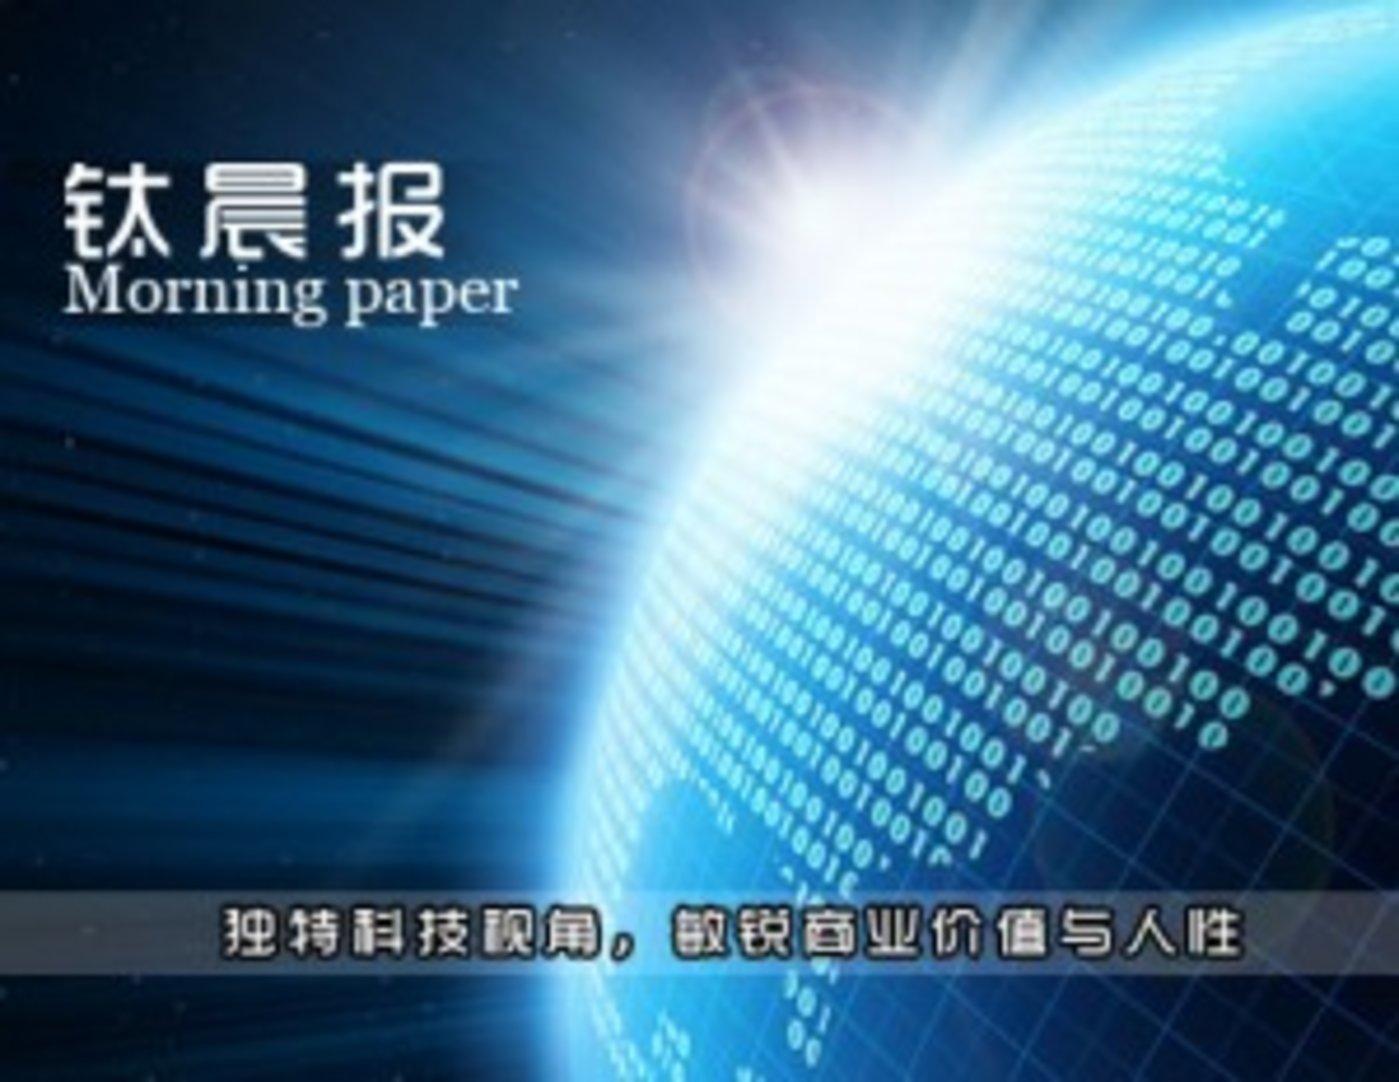 钛媒体:5月24日【钛晨报】联想一枝独秀,未受PC低迷市场阻路